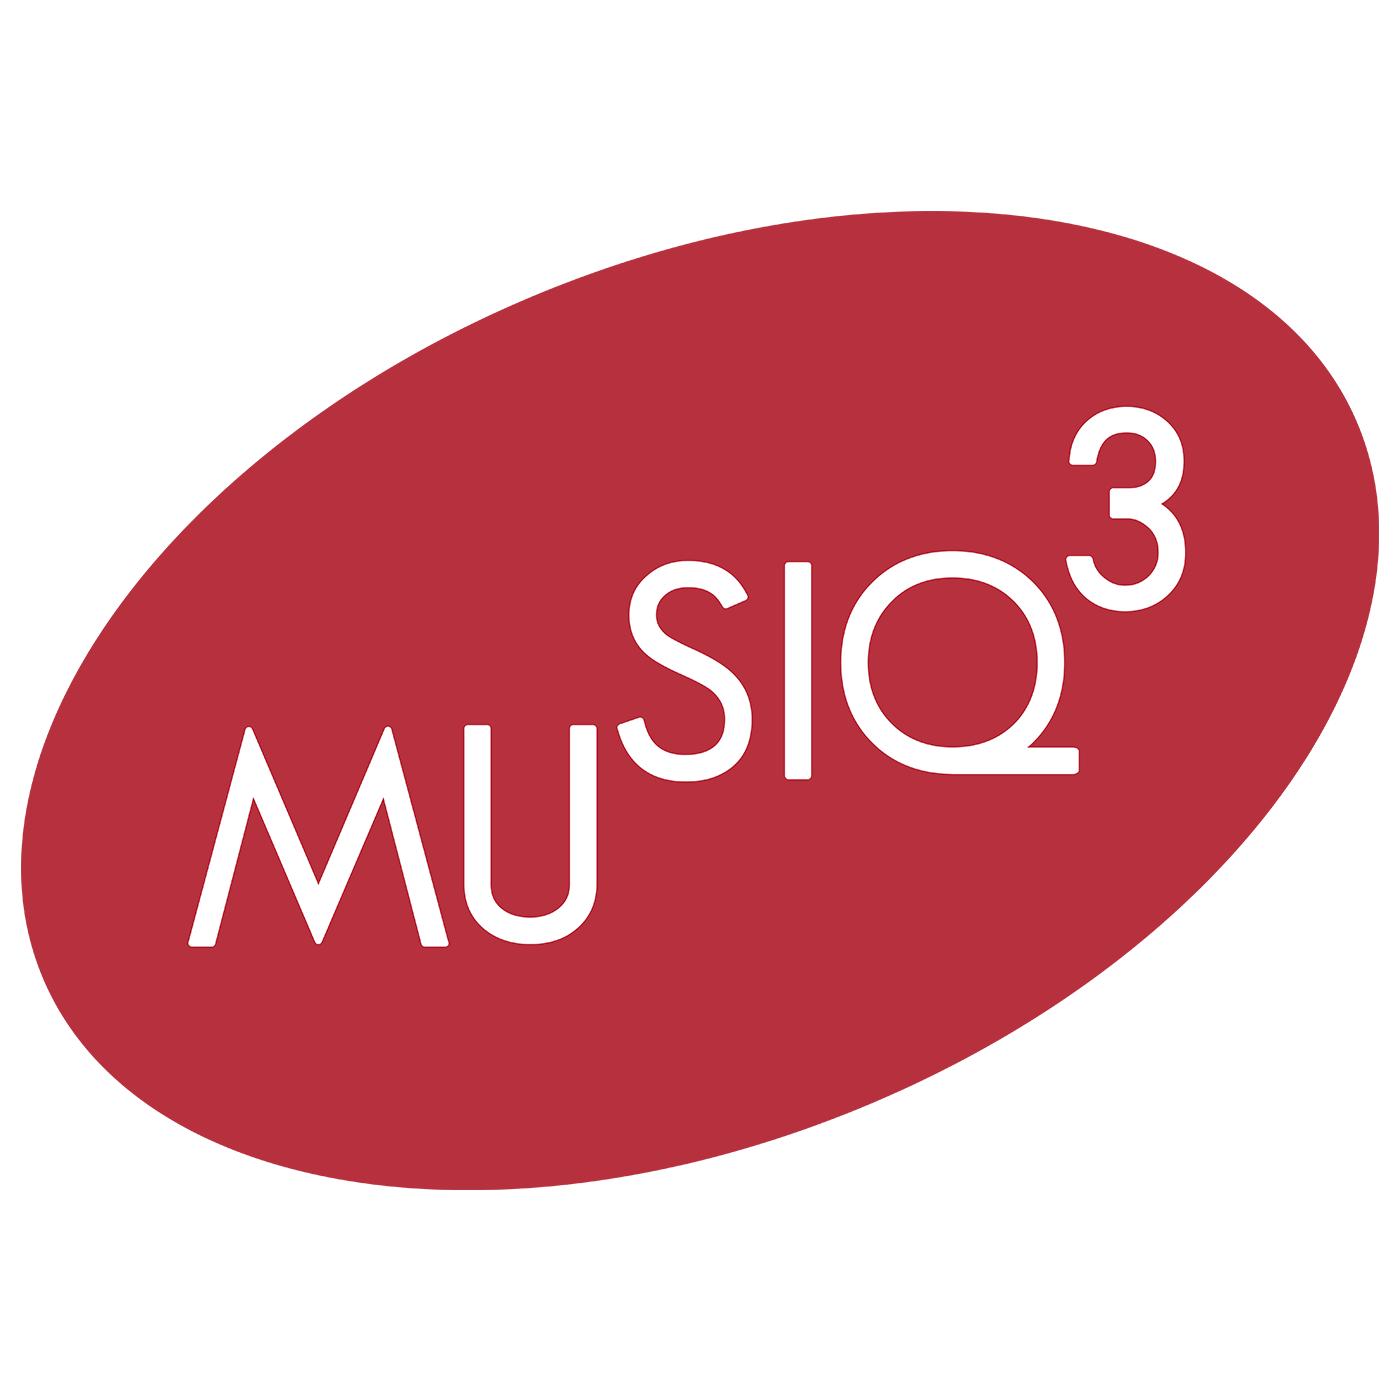 Musiq3 1400x1400 1